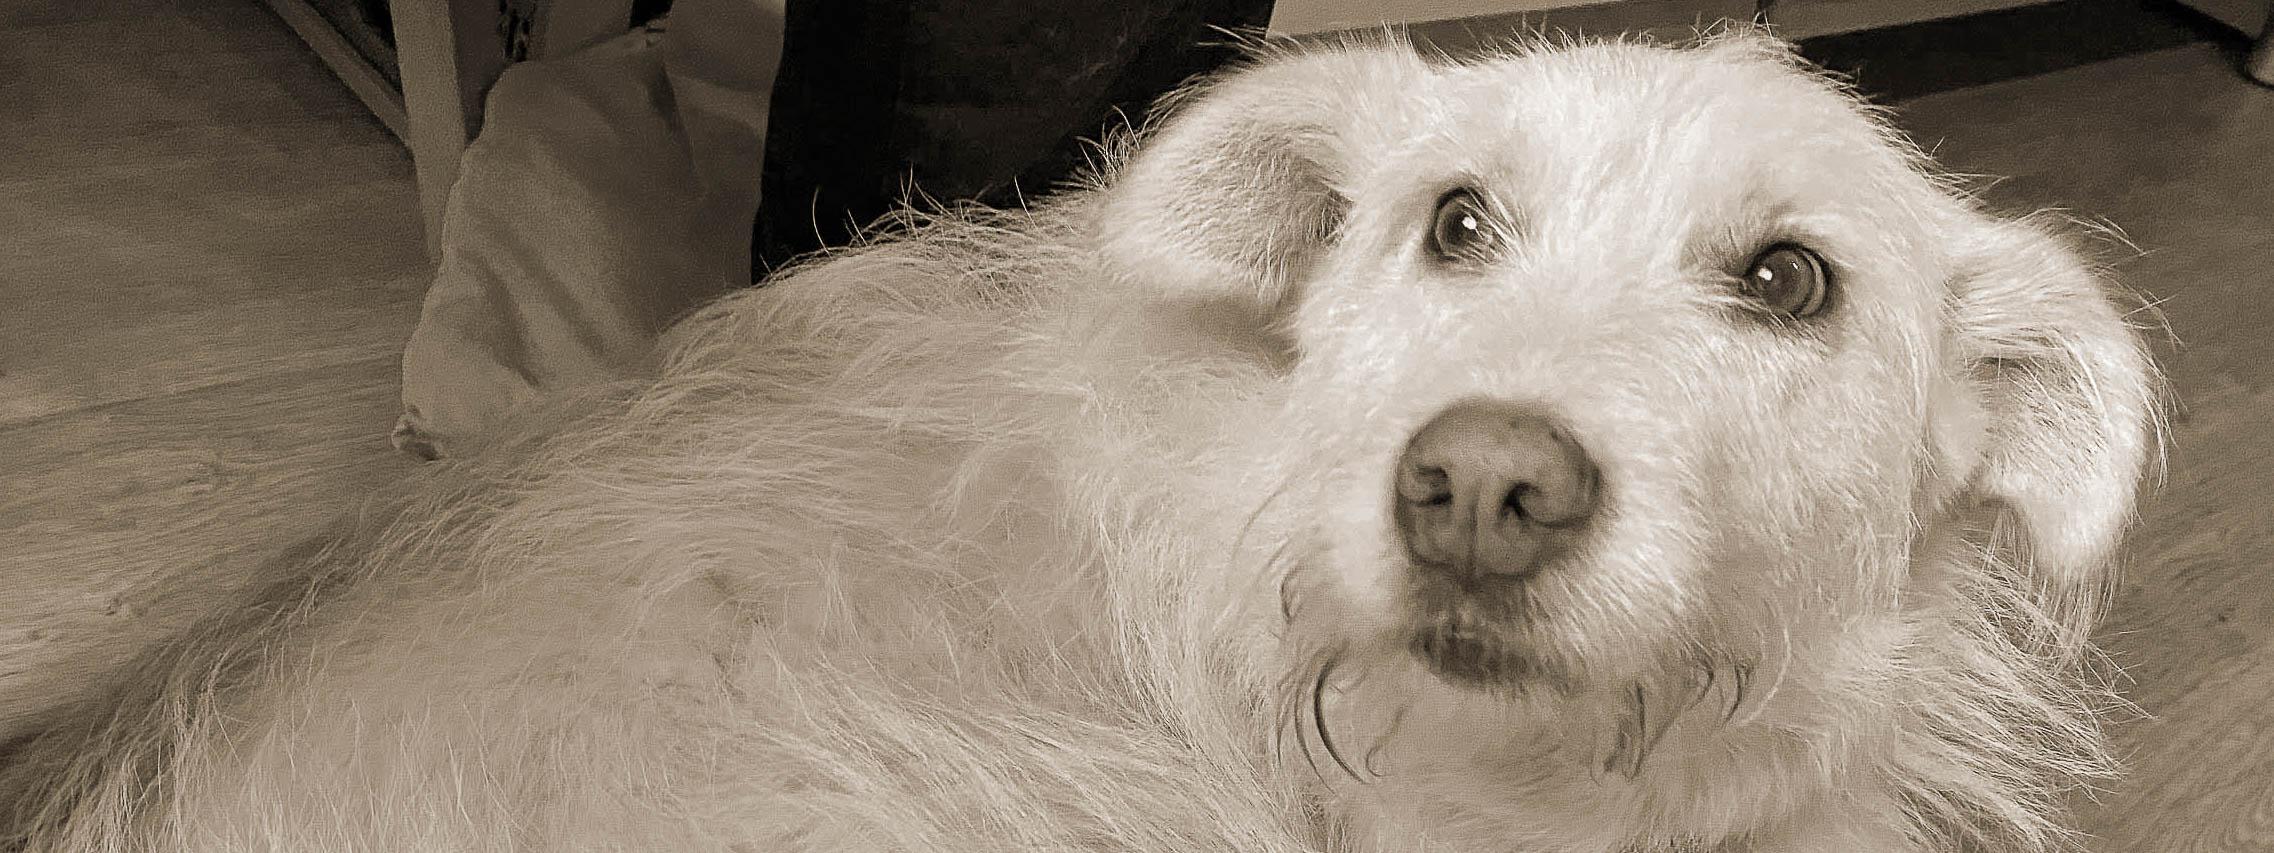 Hund liegt am Boden und schaut ängstlich - Angsthund